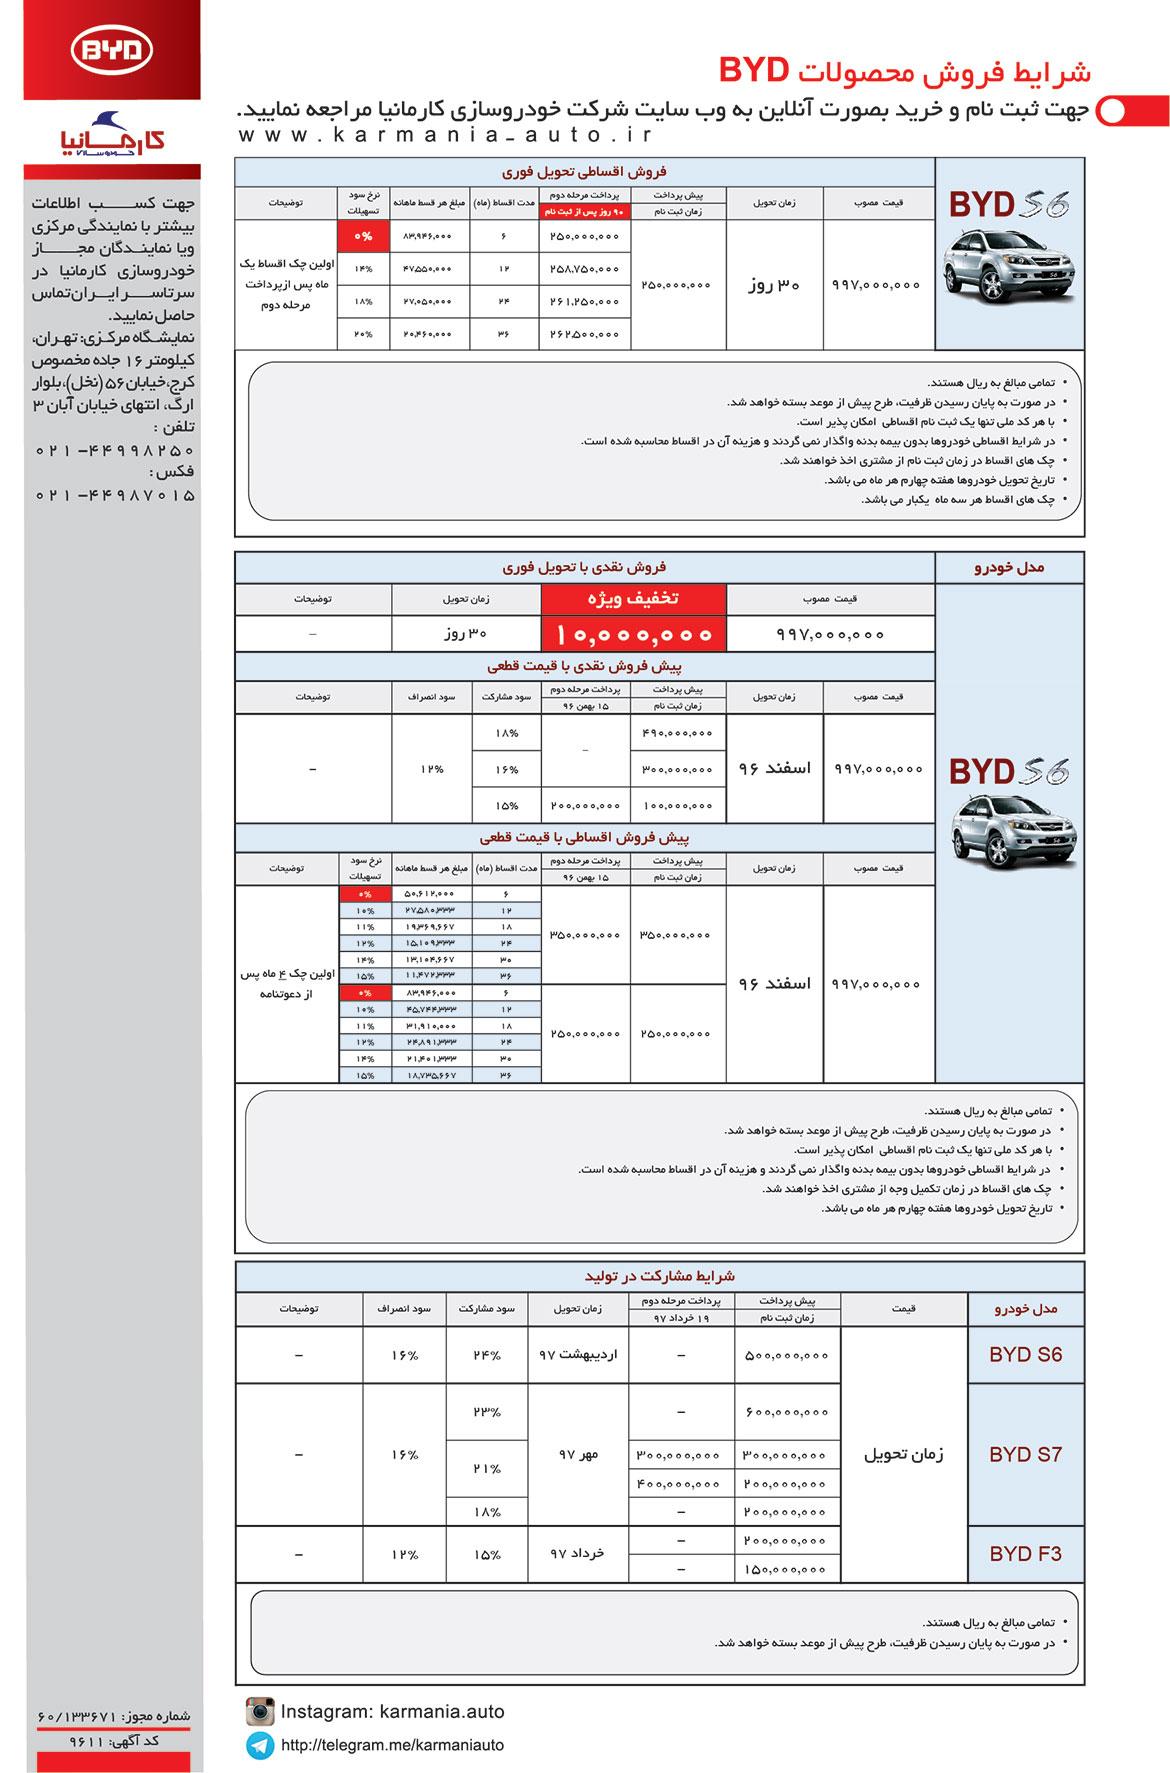 شرایط فروش ویژه بی وای دی S6